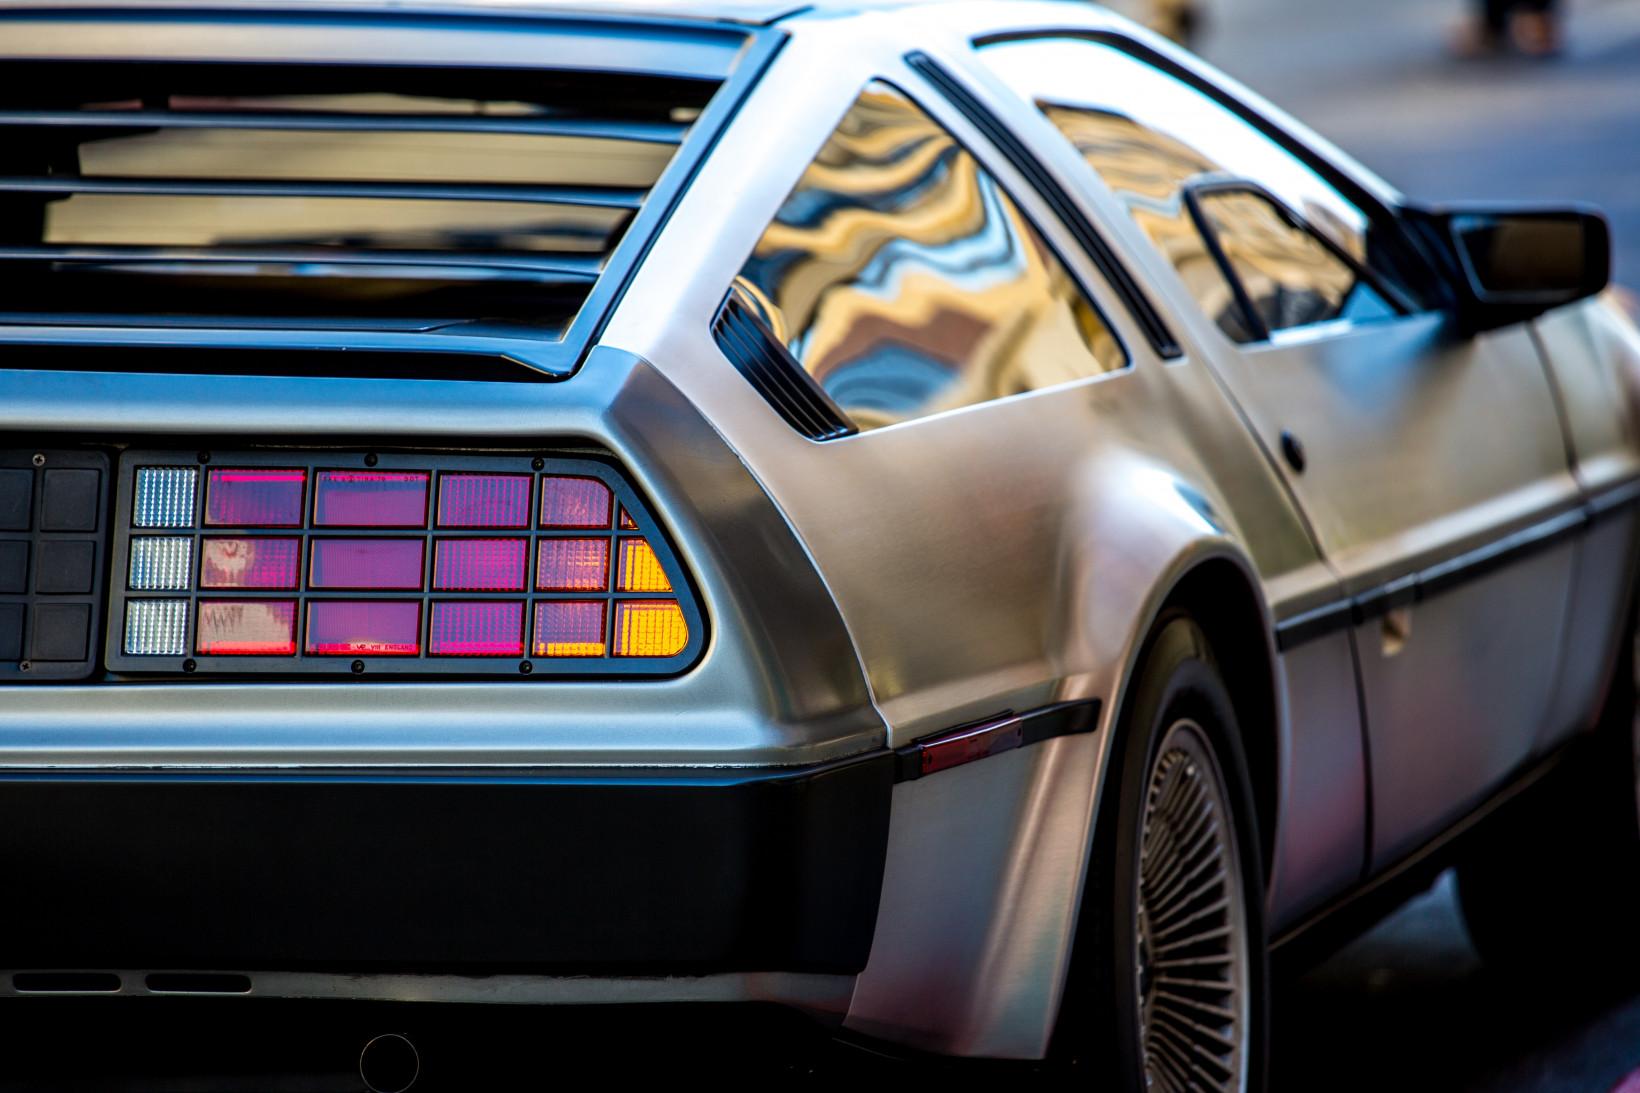 Delorean, car, future, back to the future